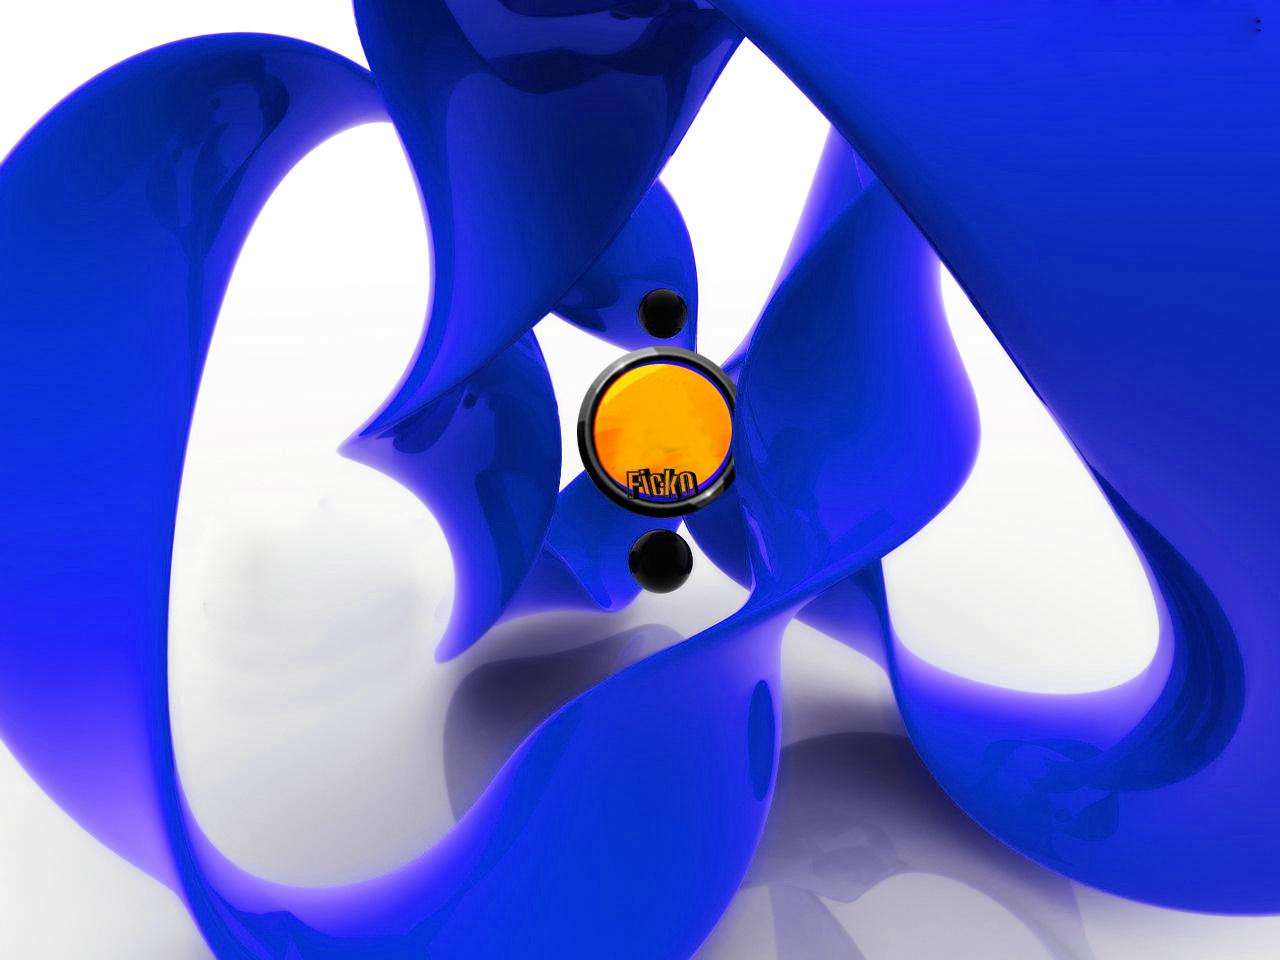 Fondos De Pantallas Azules Hd